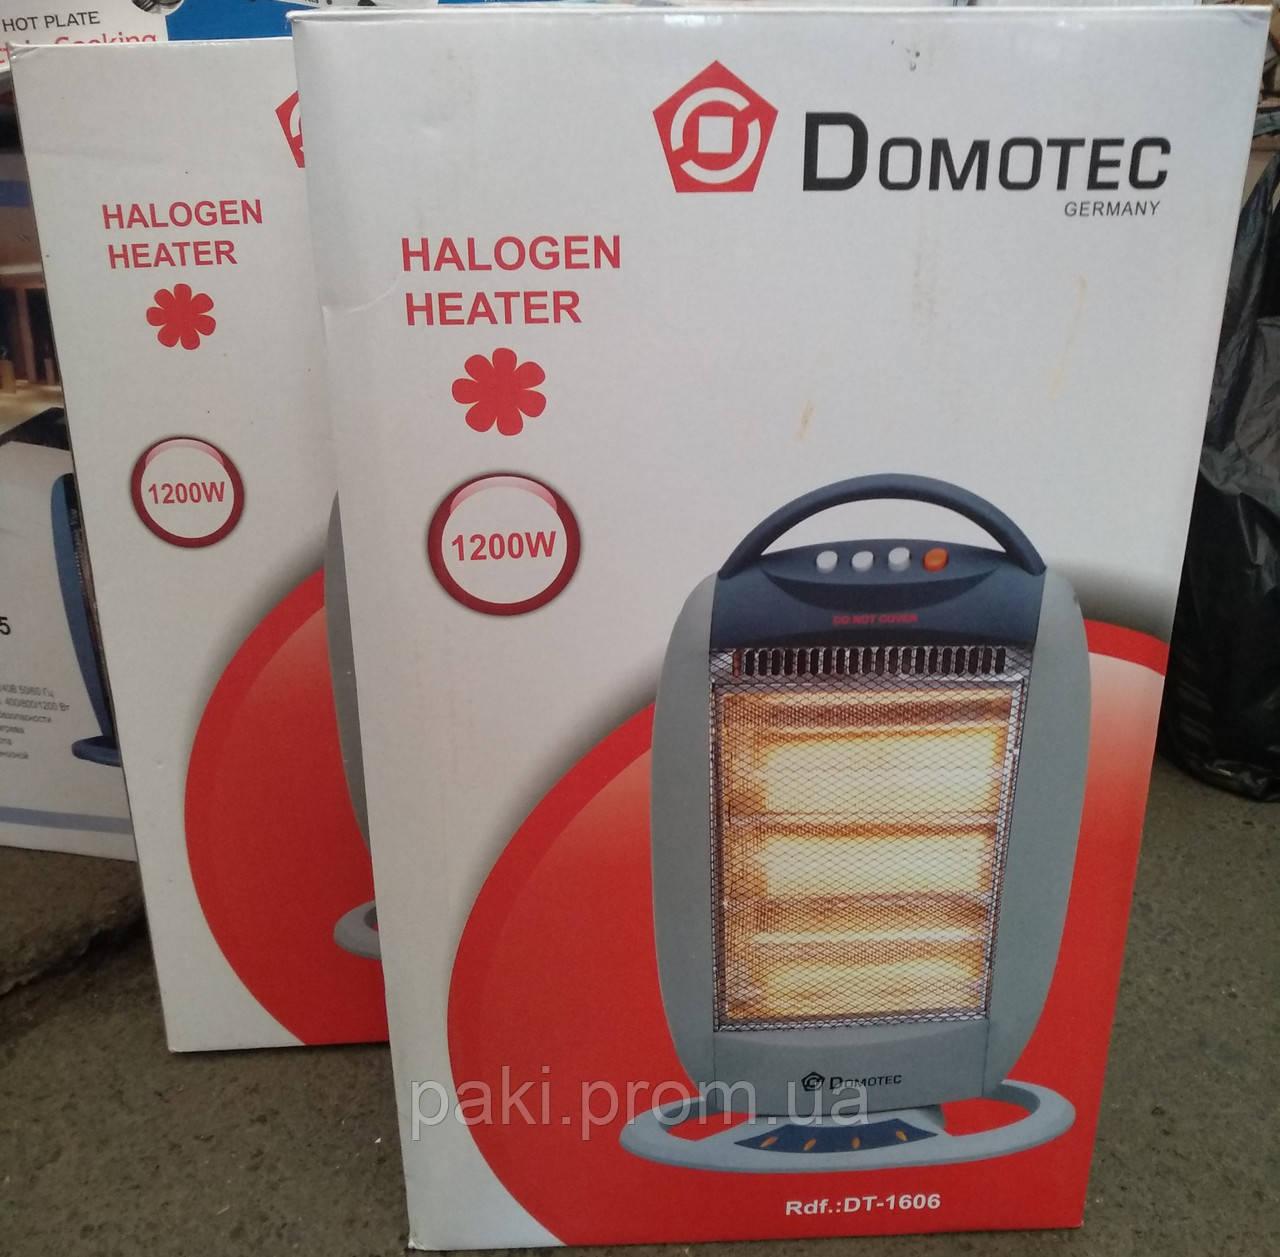 Тепловентилятор (обогреватель) инфракрасный галогенный Domotec DT-1606 1200W